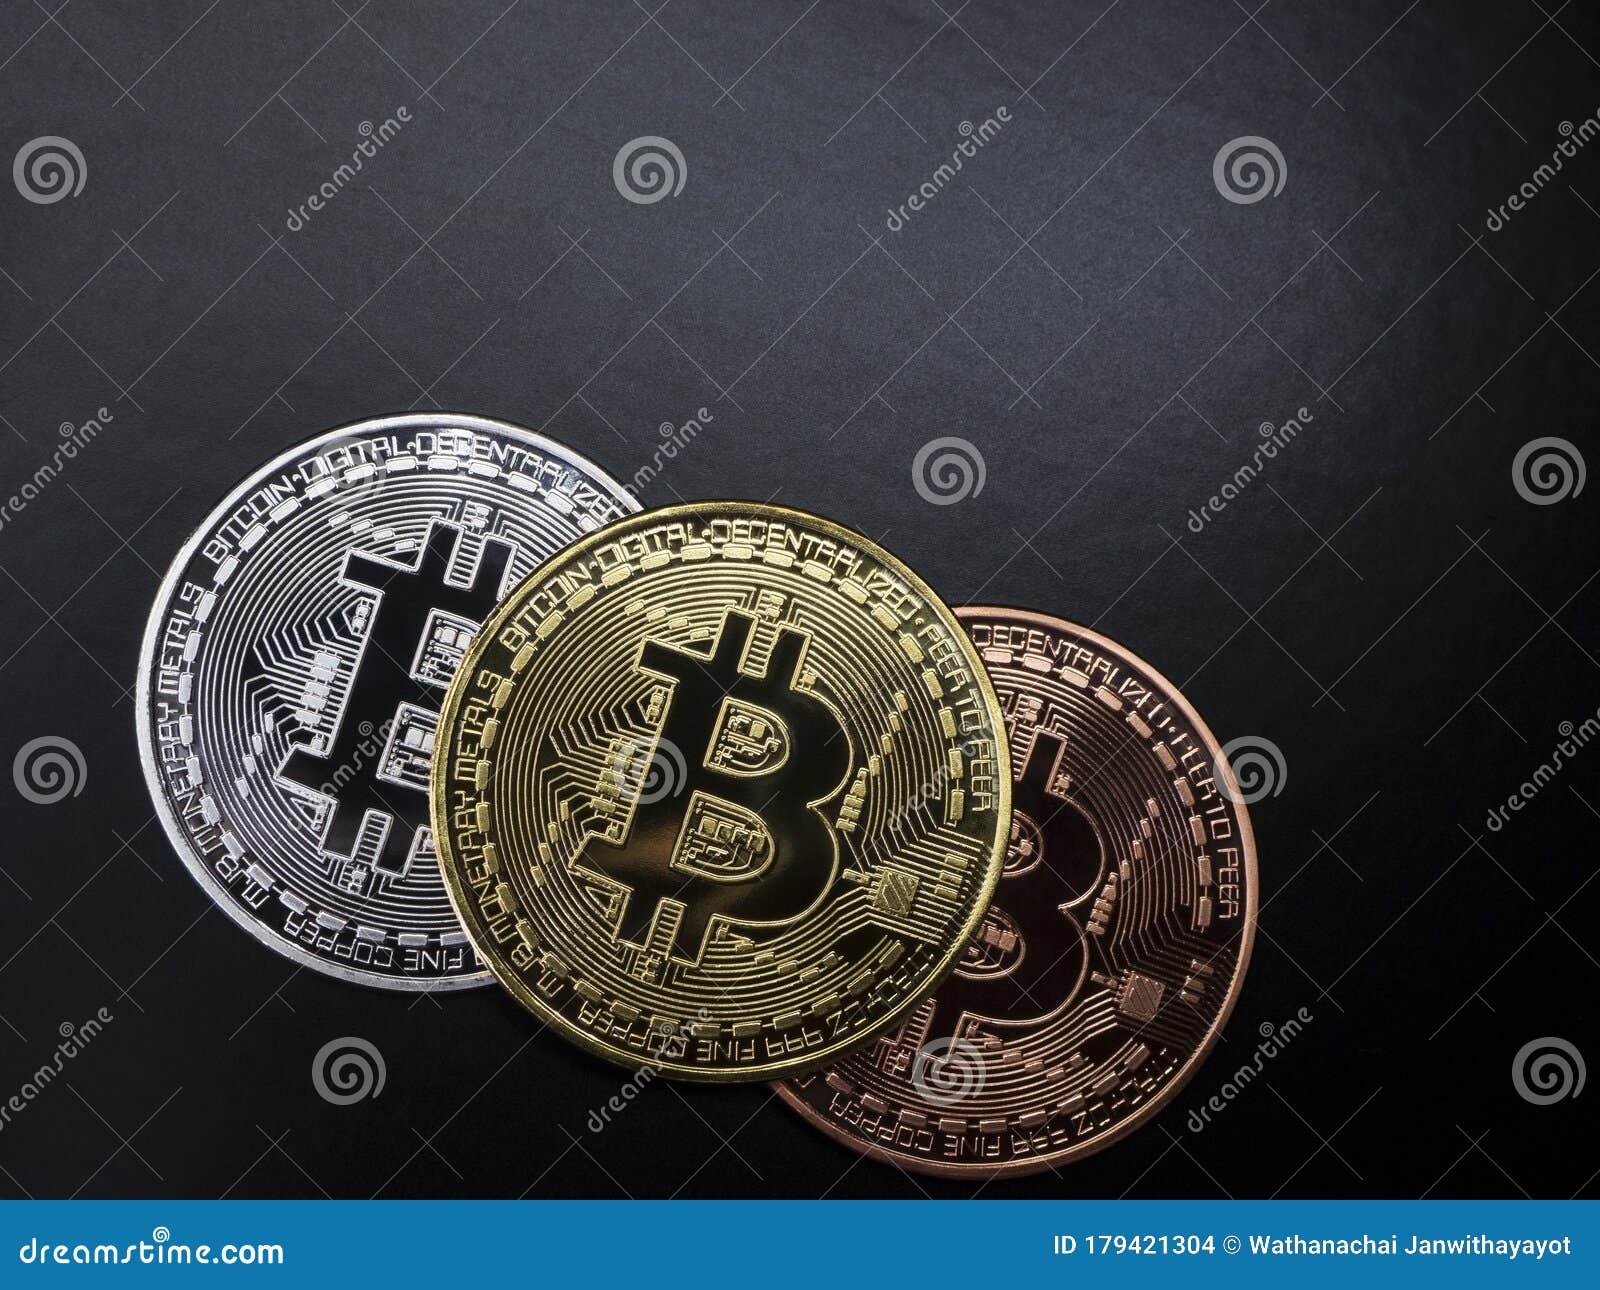 gold silver bitcoin